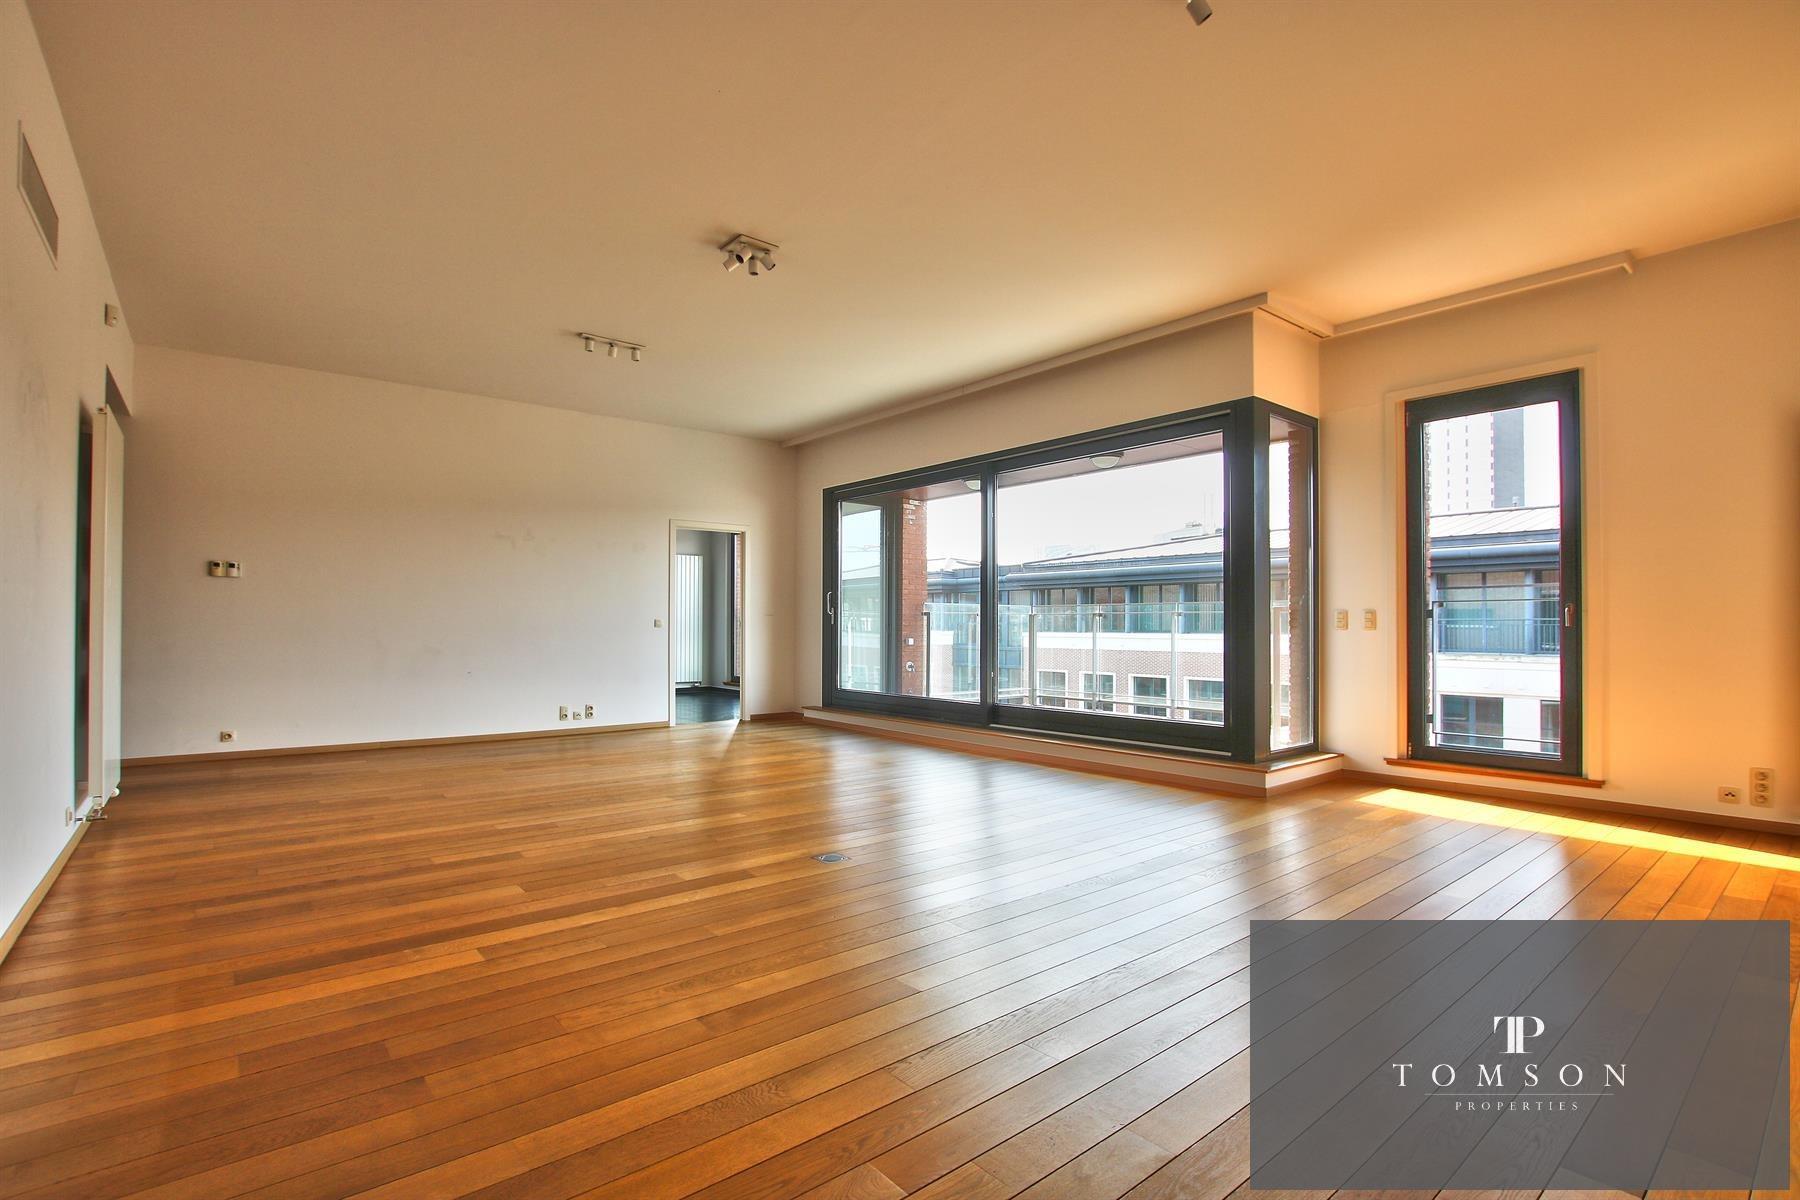 Appartement exceptionnel - Ixelles - #4533638-4